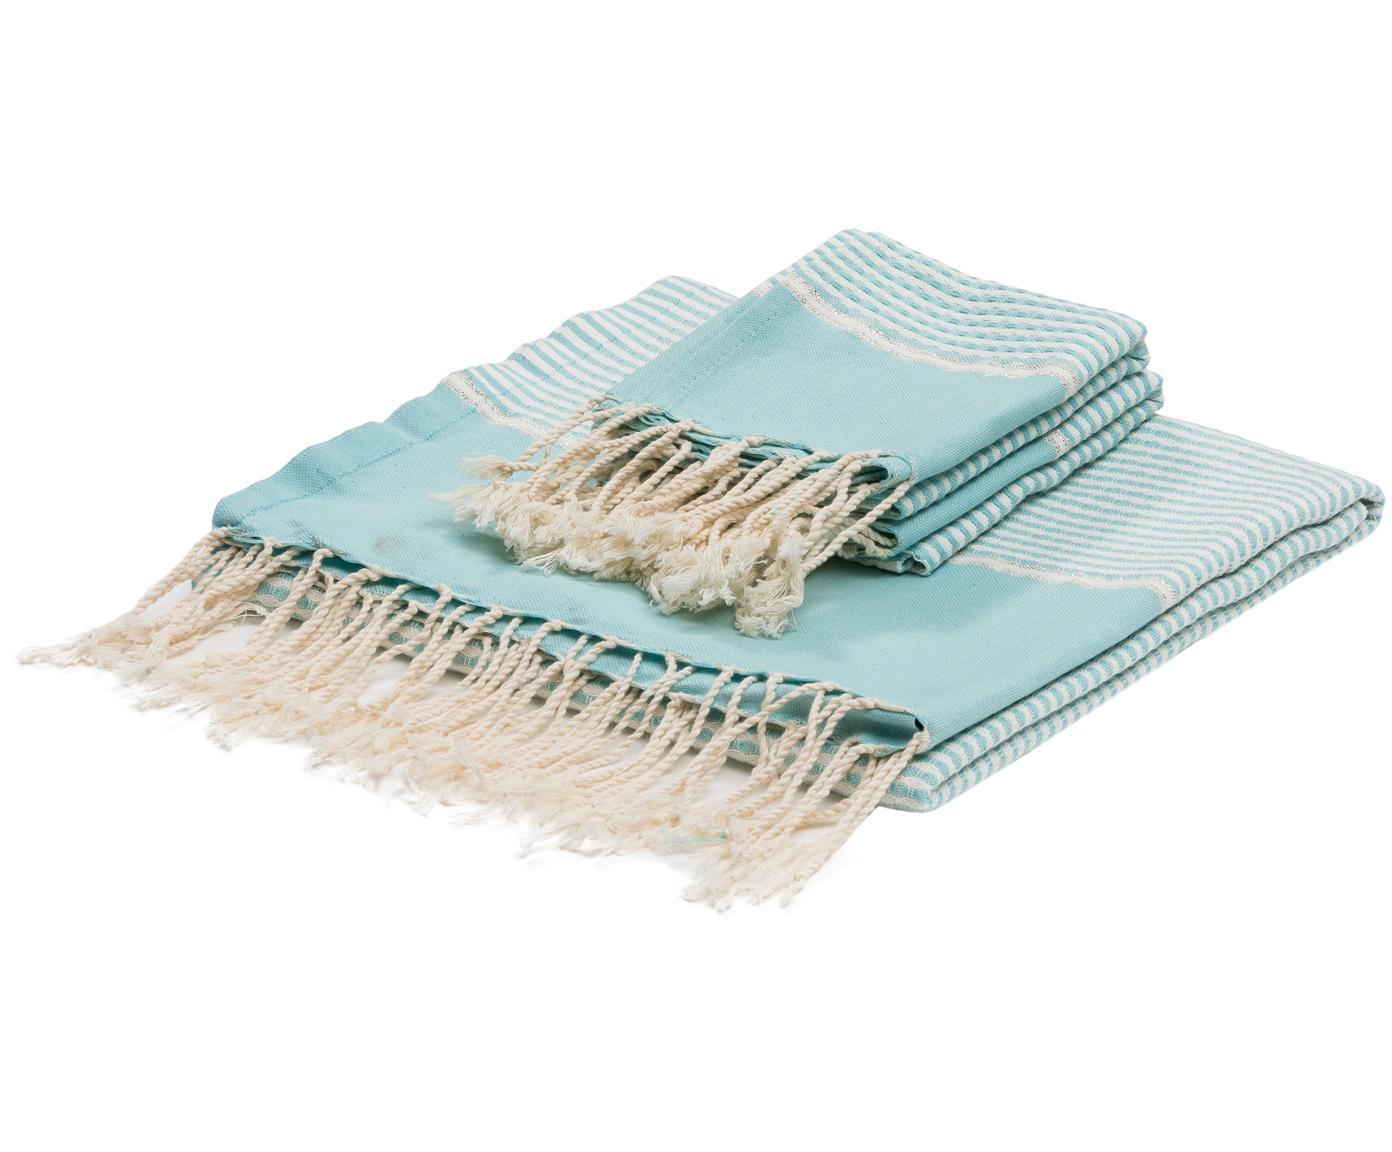 Lichte handdoekenset Copenhague met Lurex rand, 3-delig, Katoen, zeer lichte kwaliteit, 200 g/m² Lurex-draden, Lichtblauw, zilverkleurig, wit, Verschillende formaten